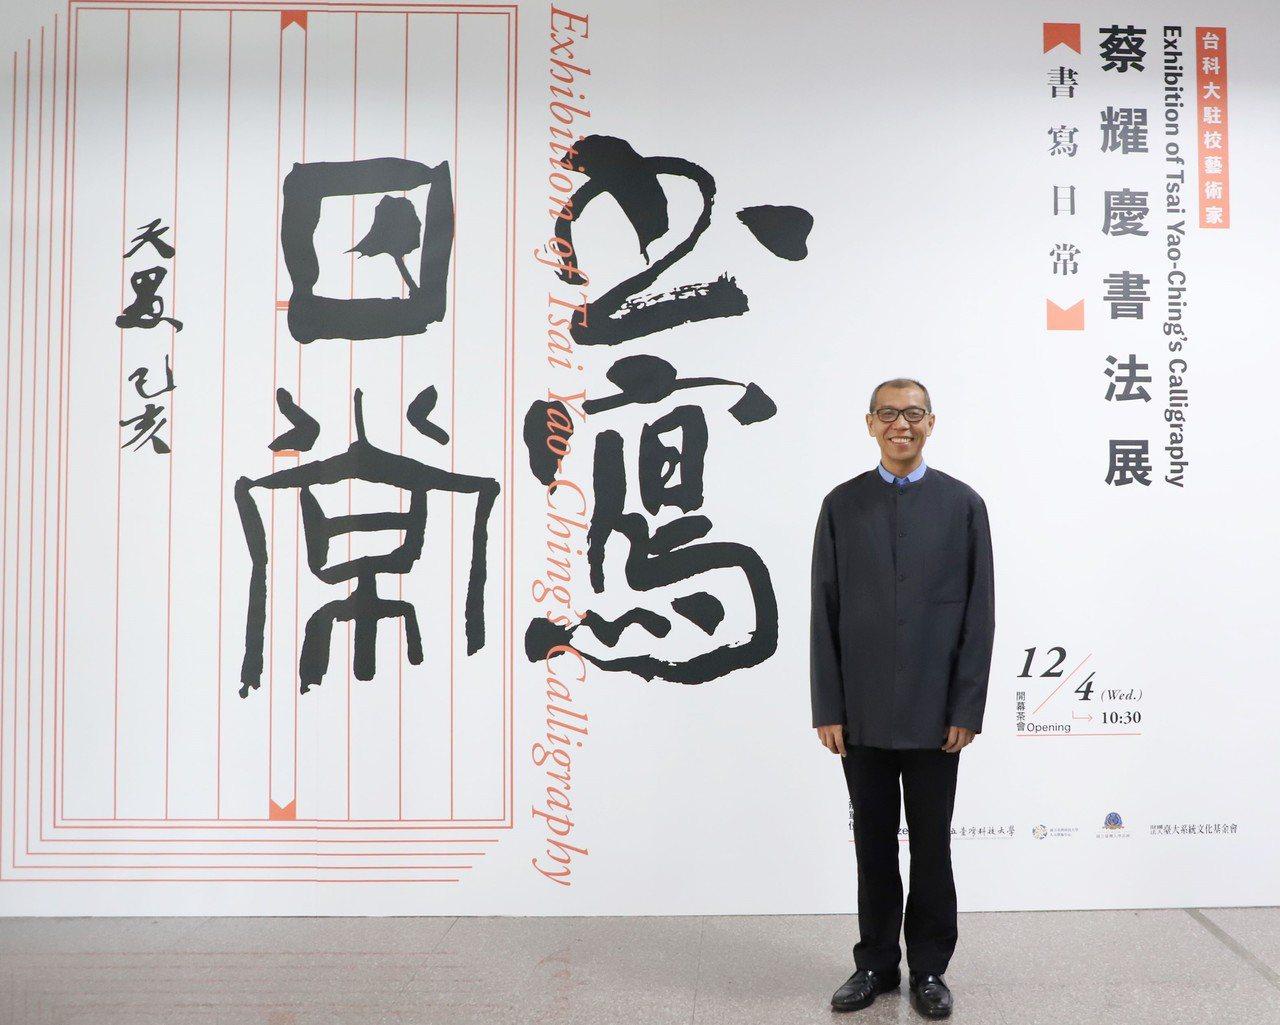 台科大舉辦「書寫日常書法展」,現場展出台科大駐校藝術家蔡耀慶老師的書法作品。圖/...